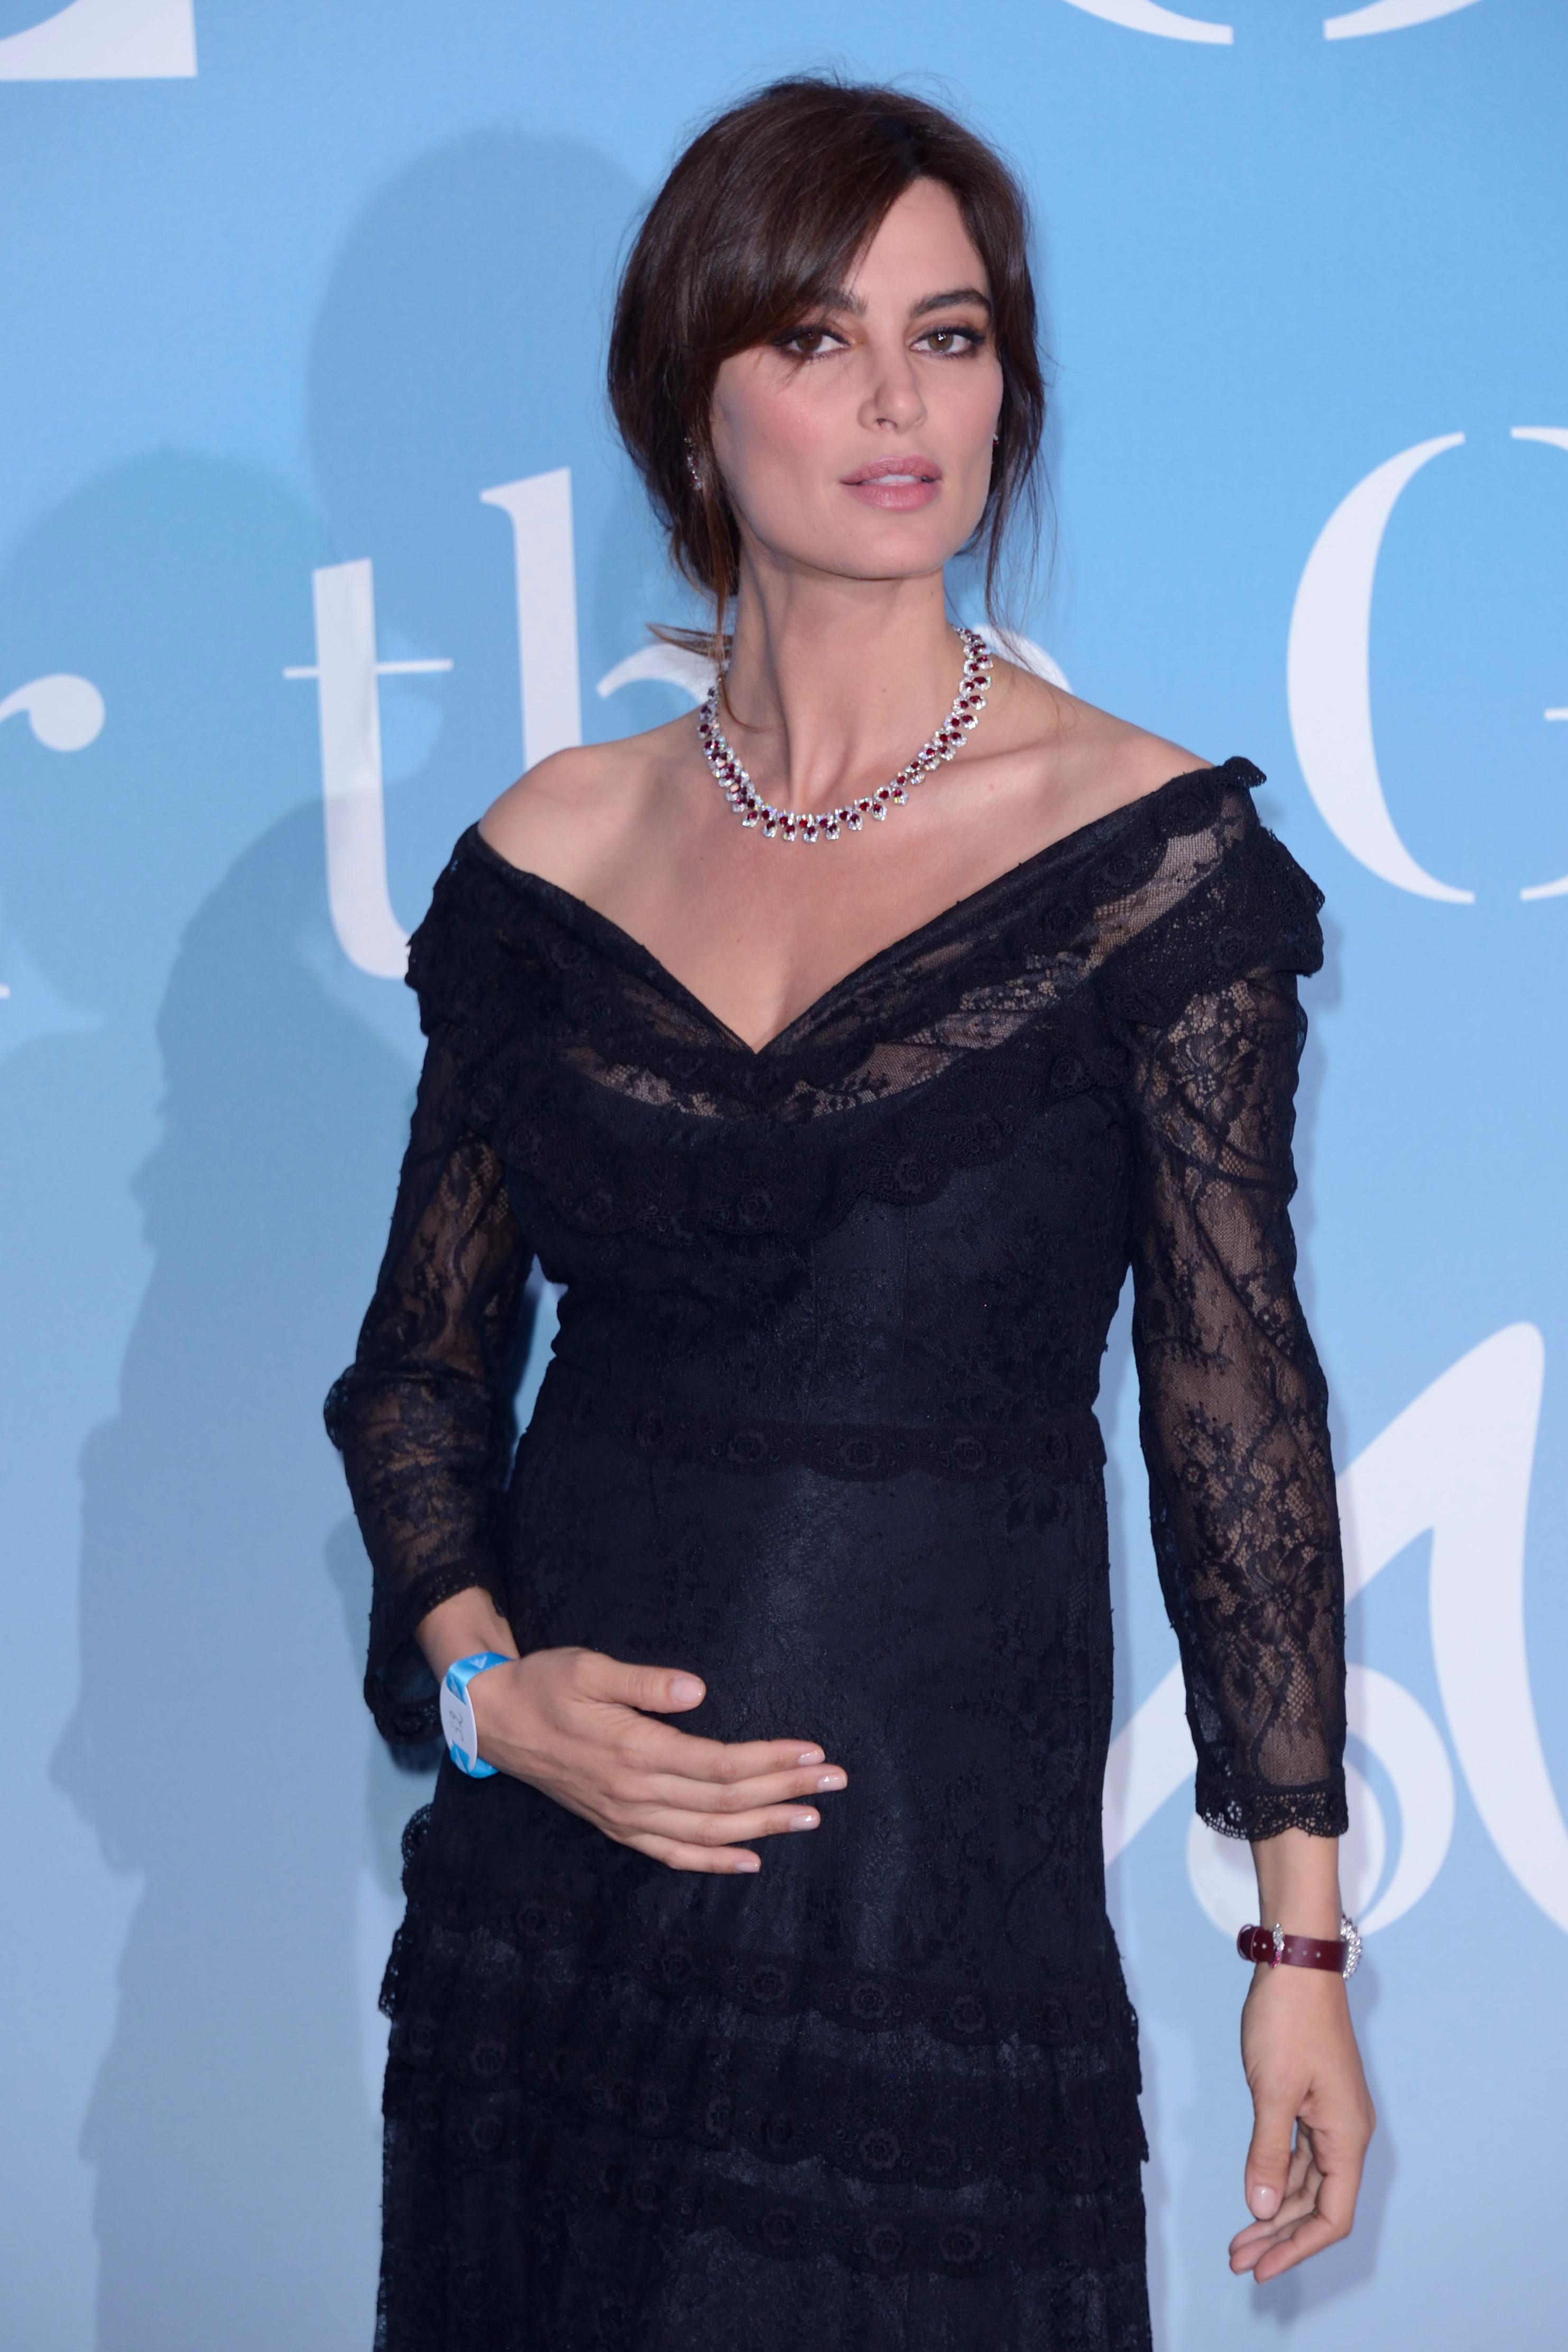 Fotomodelul Catrinel Menghia, prima apariție însărcinată la Gala din Monte Carlo